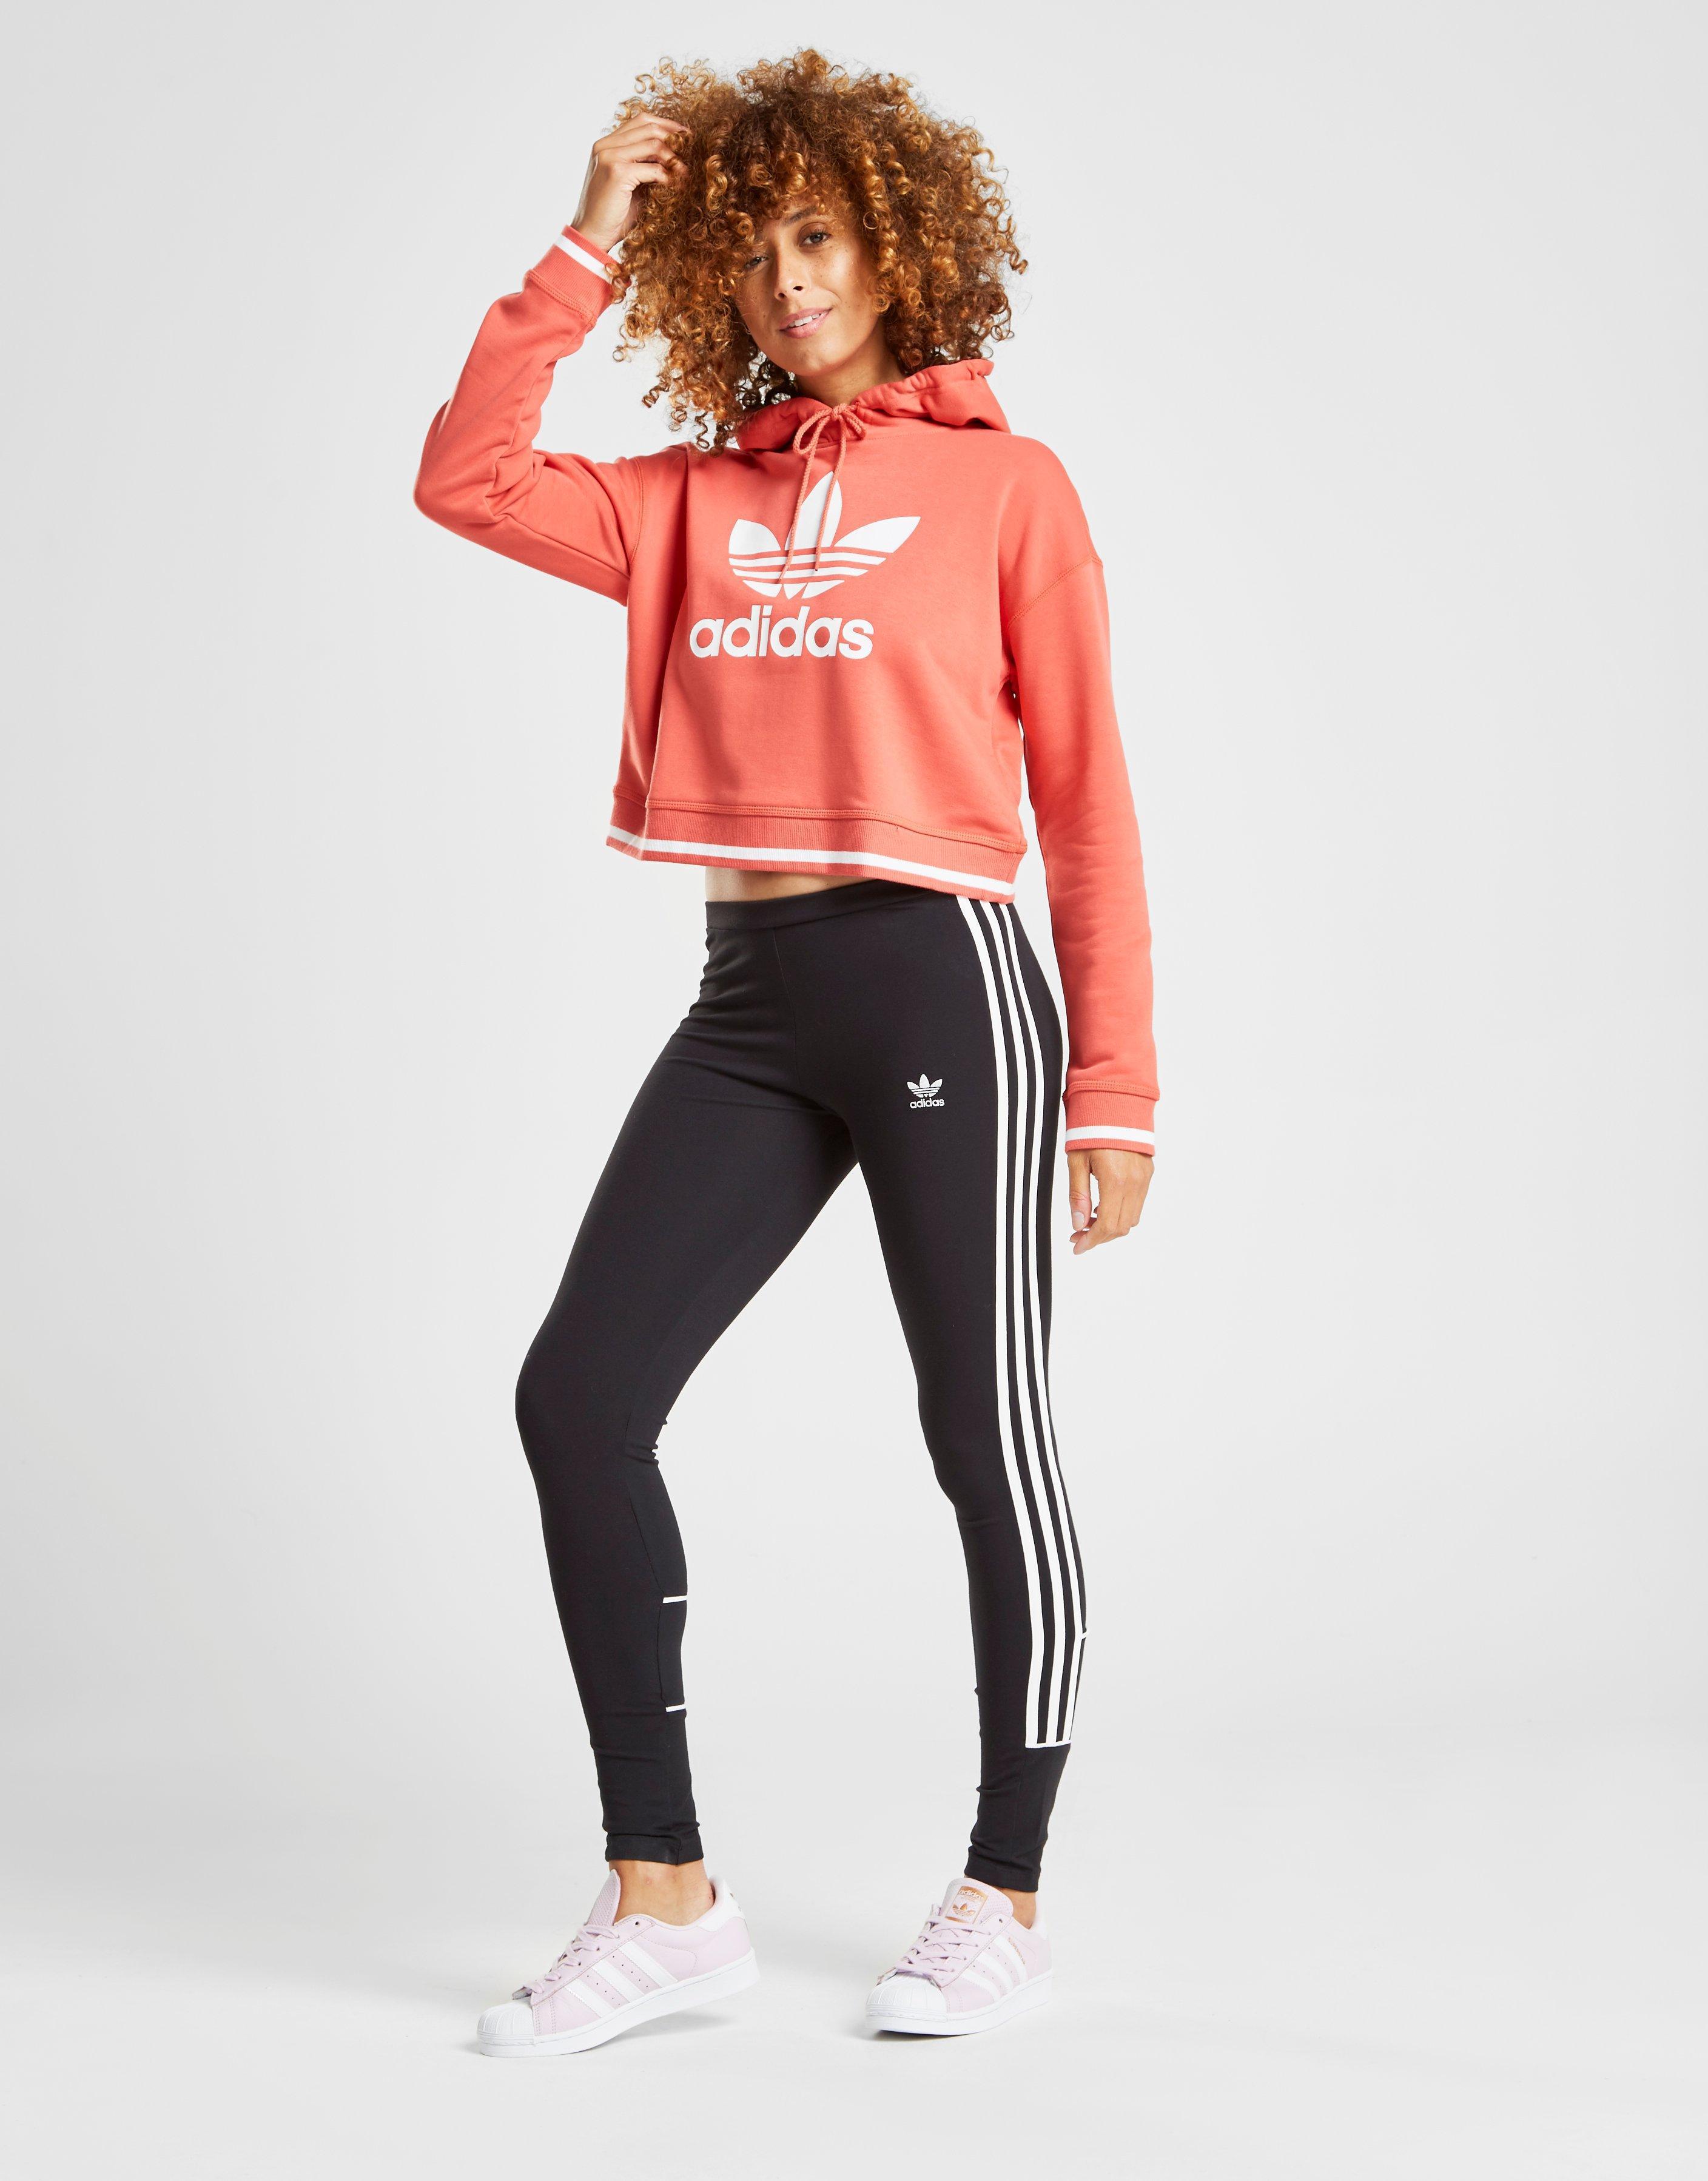 fb170c4ae adidas Originals 3-stripes Piping Leggings in Black - Lyst